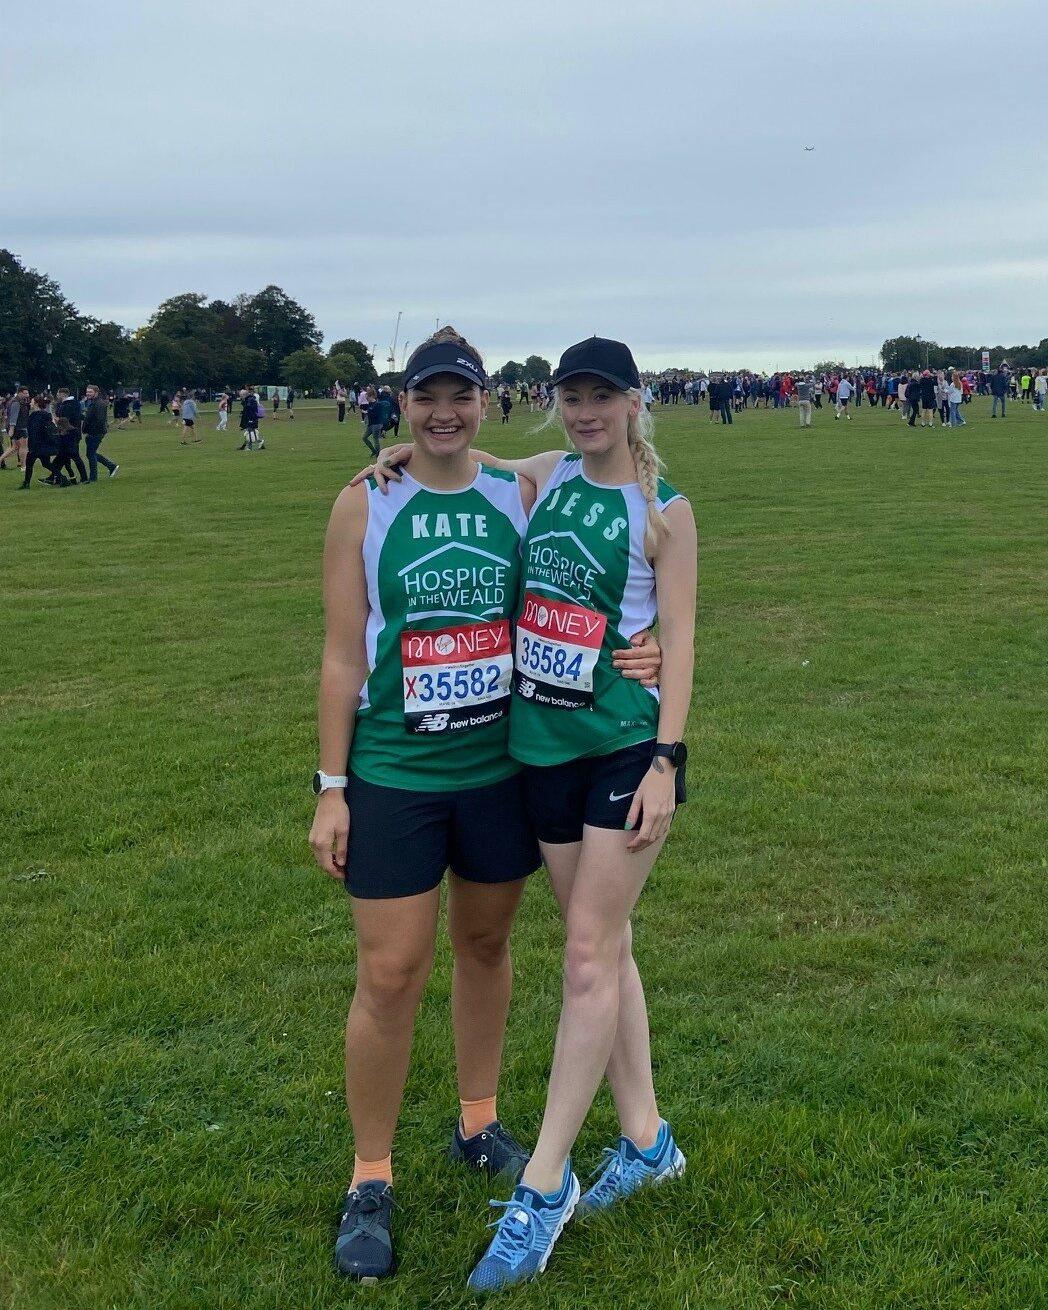 London Marathon #TeamWeald